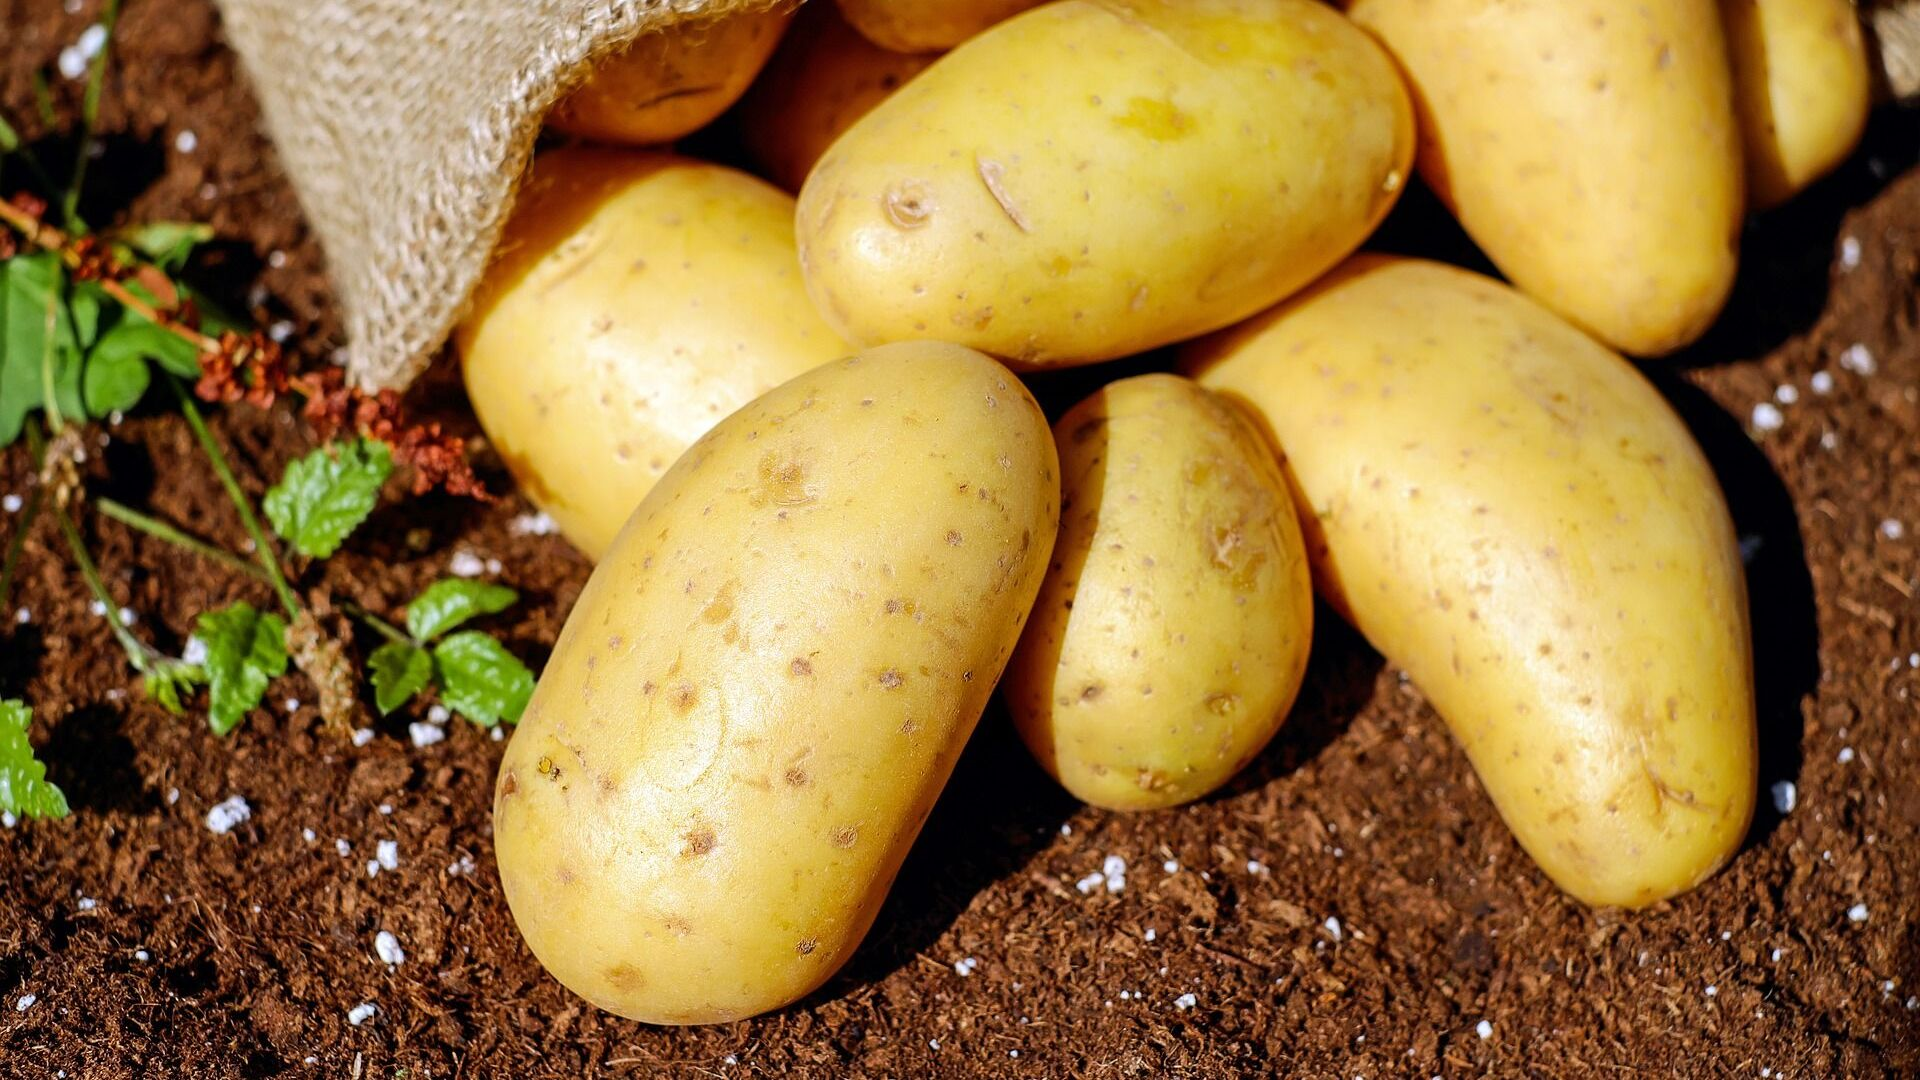 Клубни картофеля - Sputnik Грузия, 1920, 12.02.2021